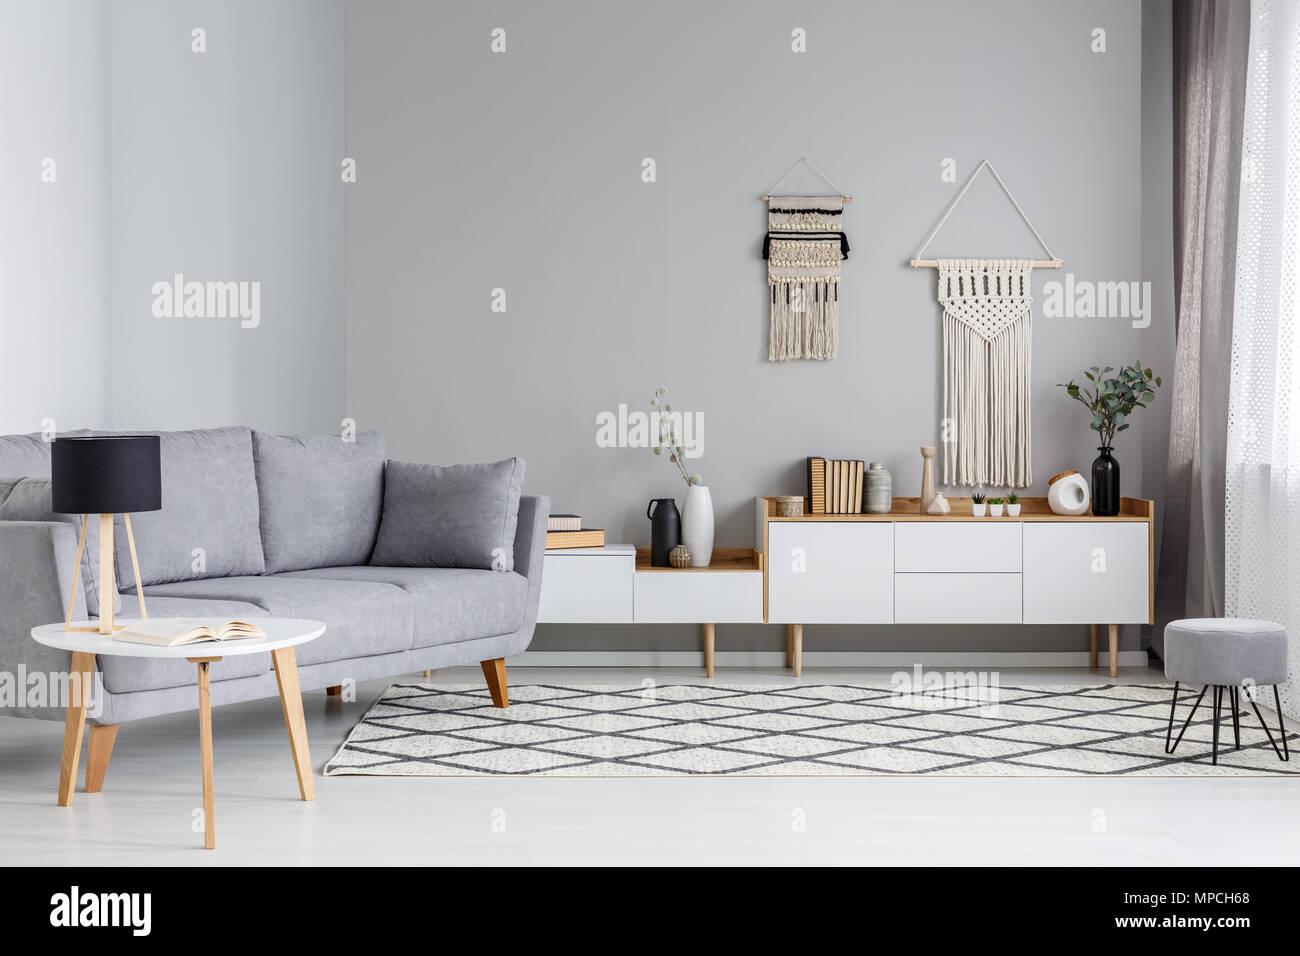 Außergewöhnlich Sofa Scandi Beste Wahl Lamp On Table Next To Grey In